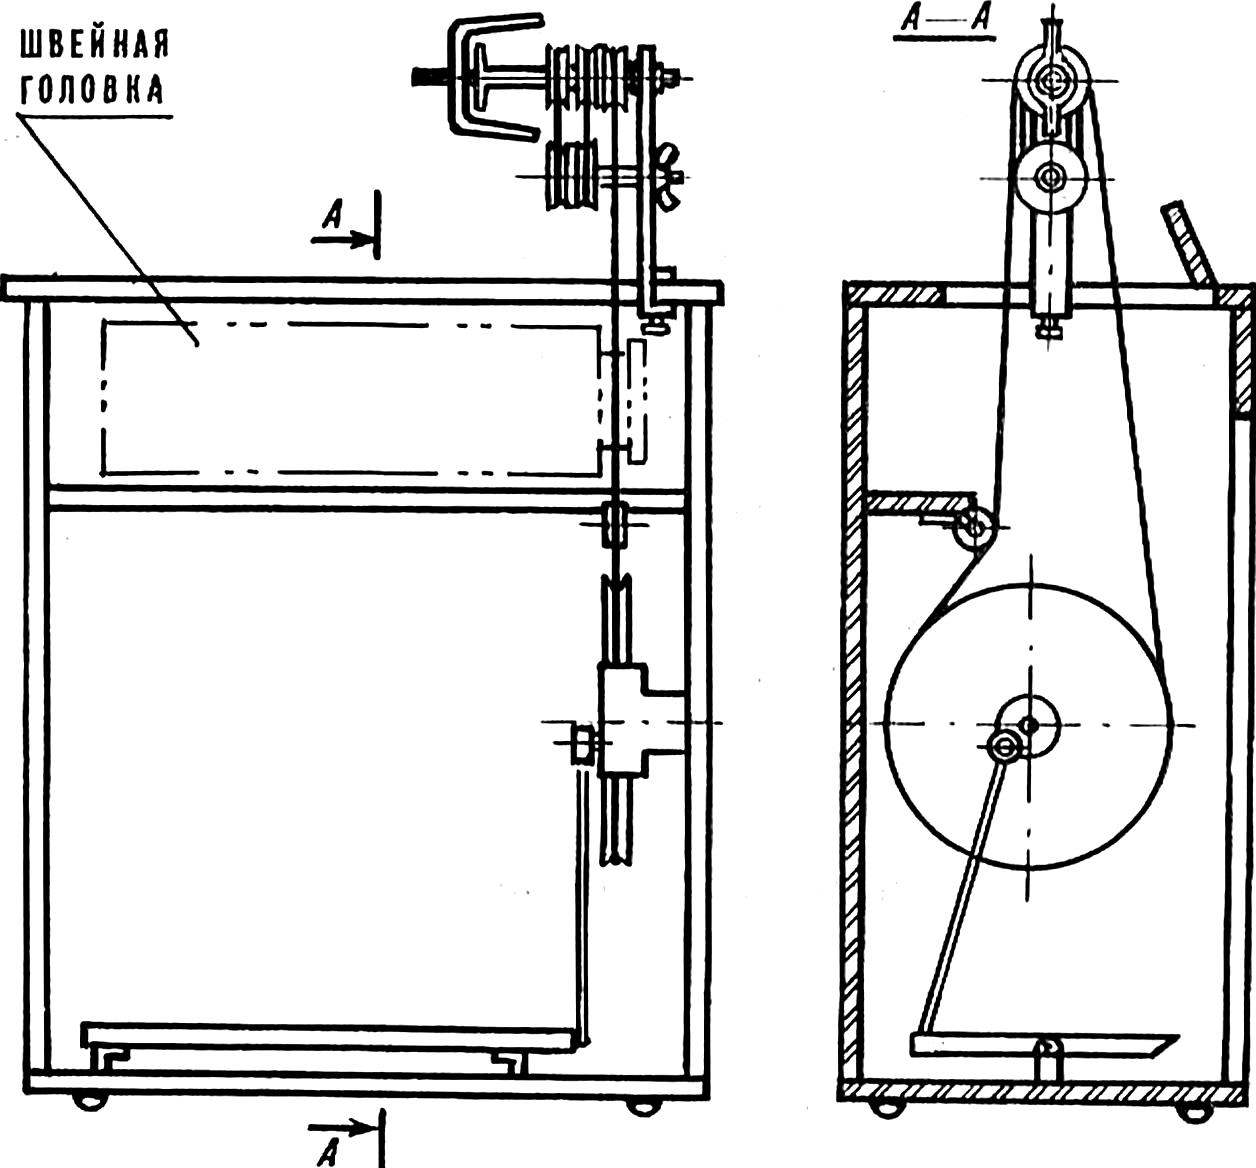 Монтажная схема установки приставки к швейной машине с ножным приводом.